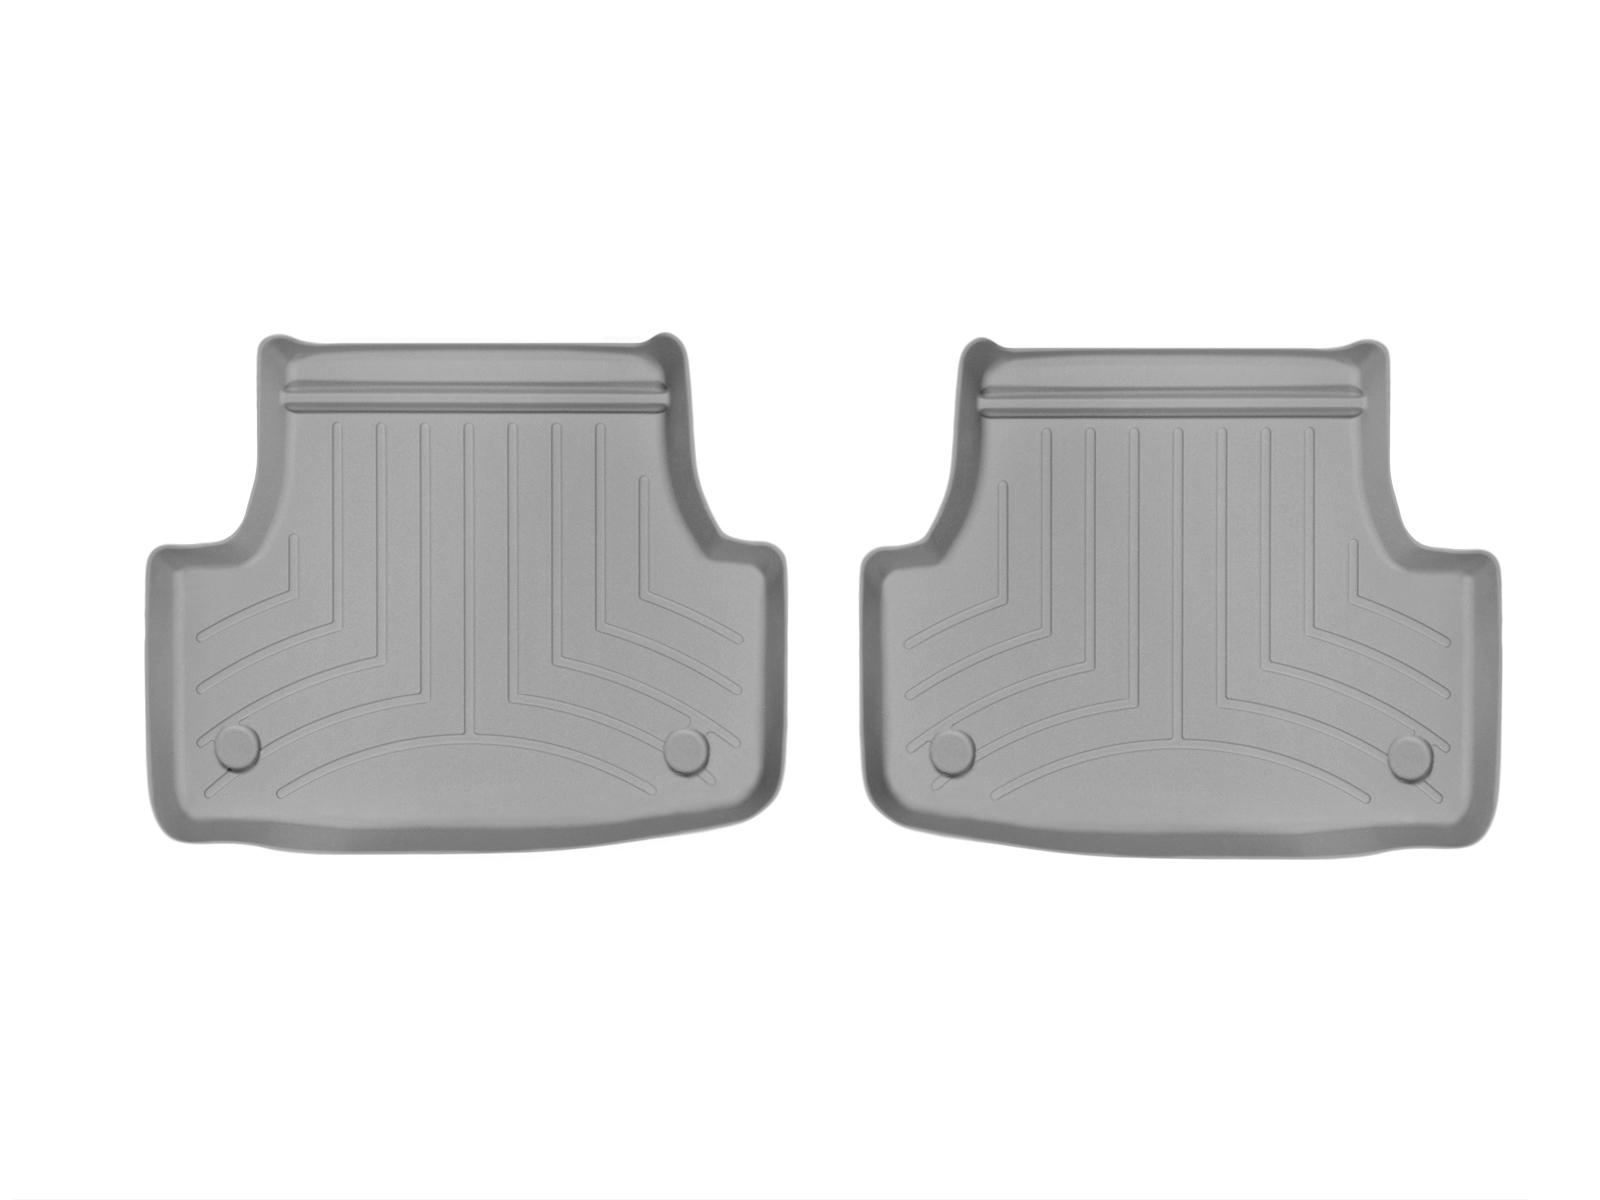 Tappeti gomma su misura bordo alto Volkswagen Golf 4Motion 13>17 Grigio A4065*